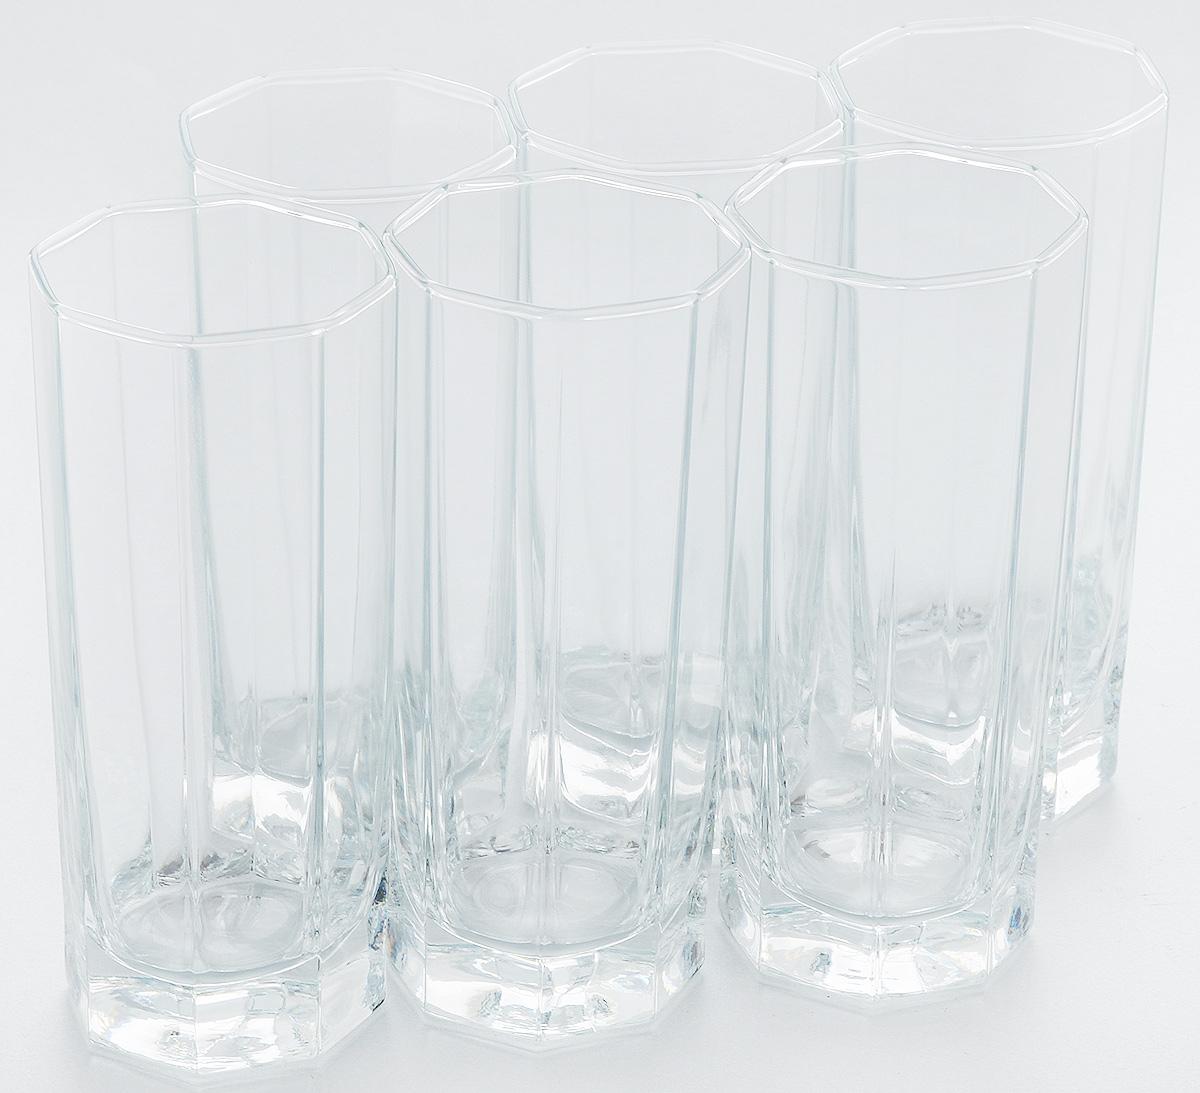 Набор стаканов для коктейлей Pasabahce Kosem, 264 мл, 6 шт42078BНабор стаканов KOSEM 6 шт V=264 мл h=140мм (коктейль)